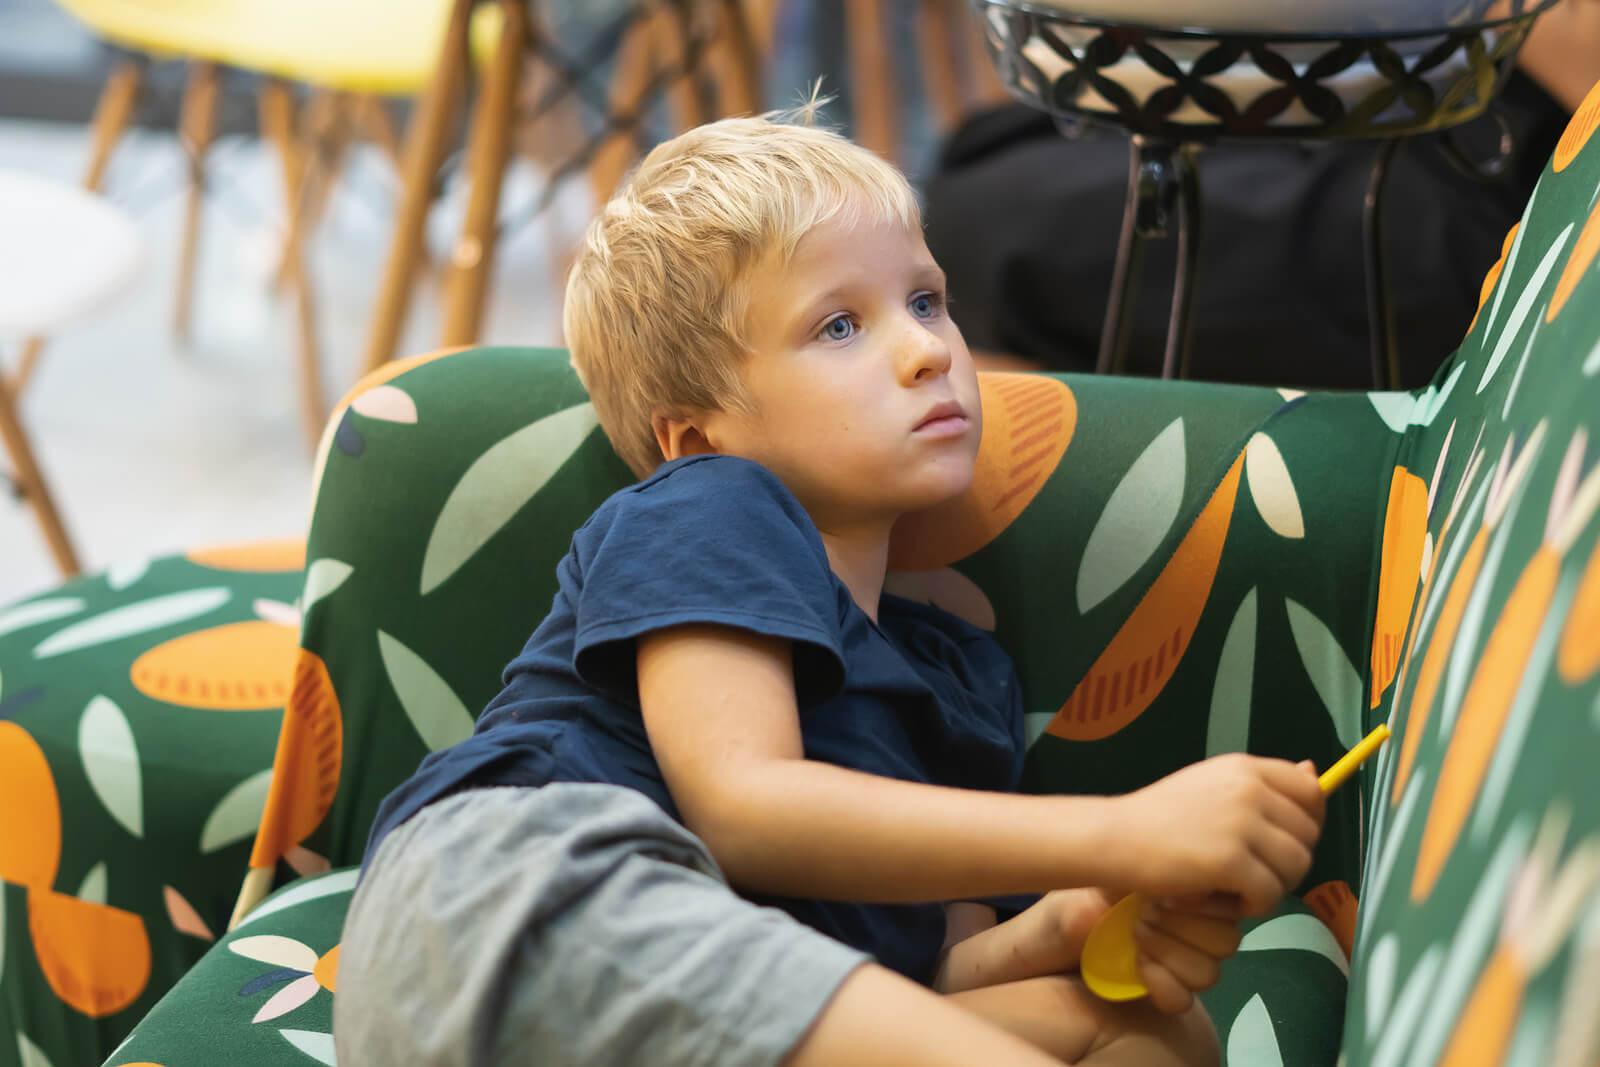 Niño en el sofá pensando las consecuencias de su mala conducta.